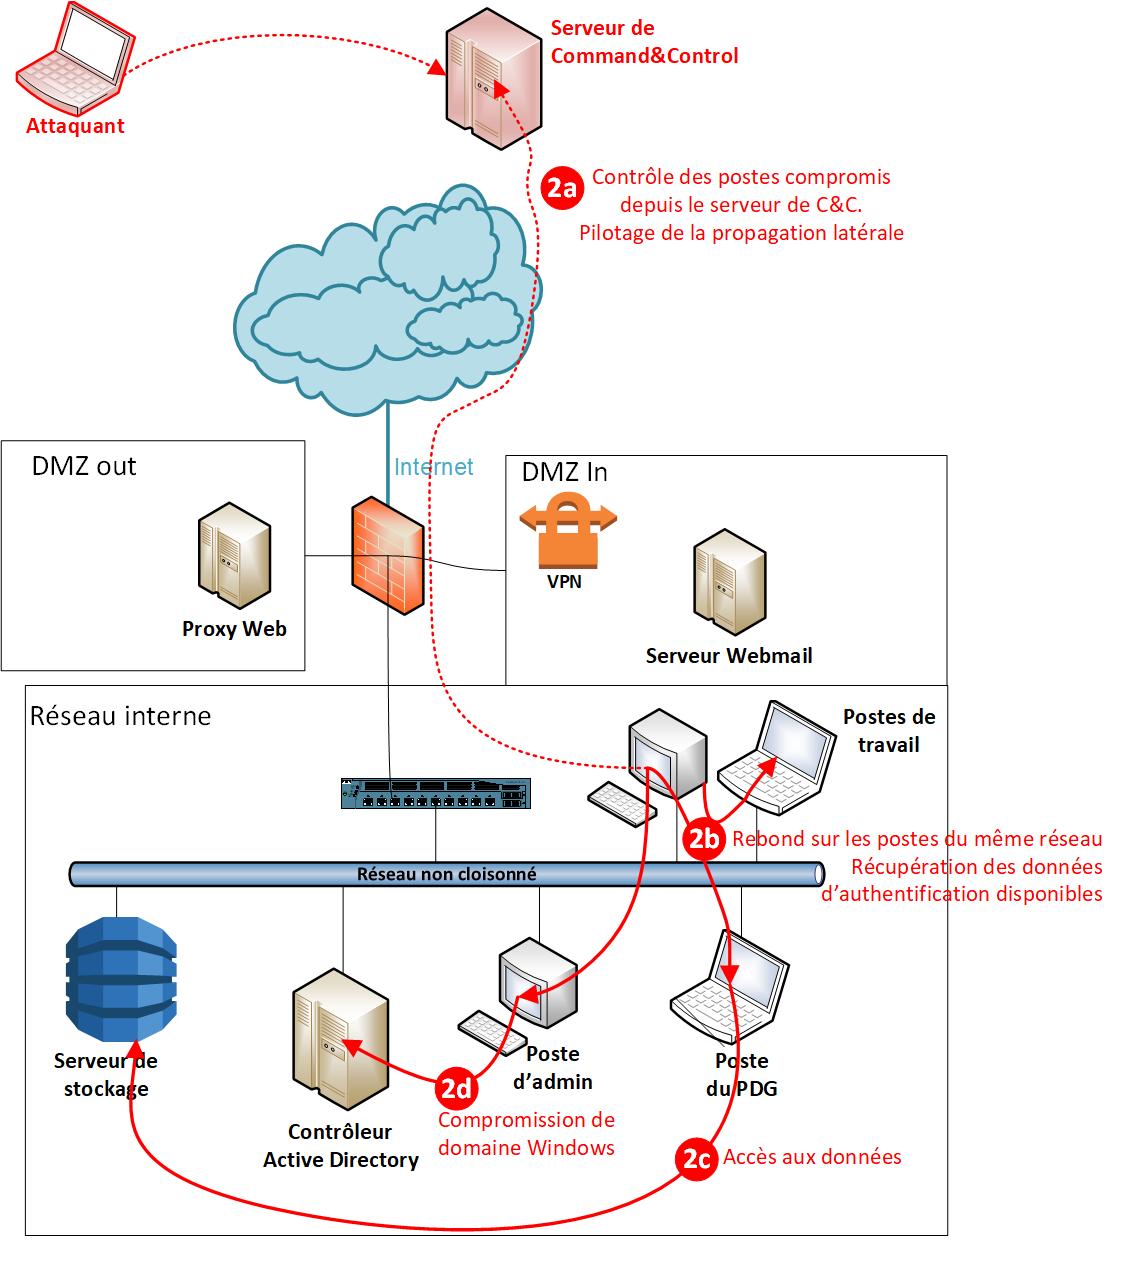 APT - Etape 2 Propagation latérale. 2a) Contrôle des postes compromis depuis le serveur de C&C. Pilotage de la propagation latérale. 2b) Rebond sur les postes du même réseau. Récupération de données d'authentification disponibles. 2c) Accès aux d